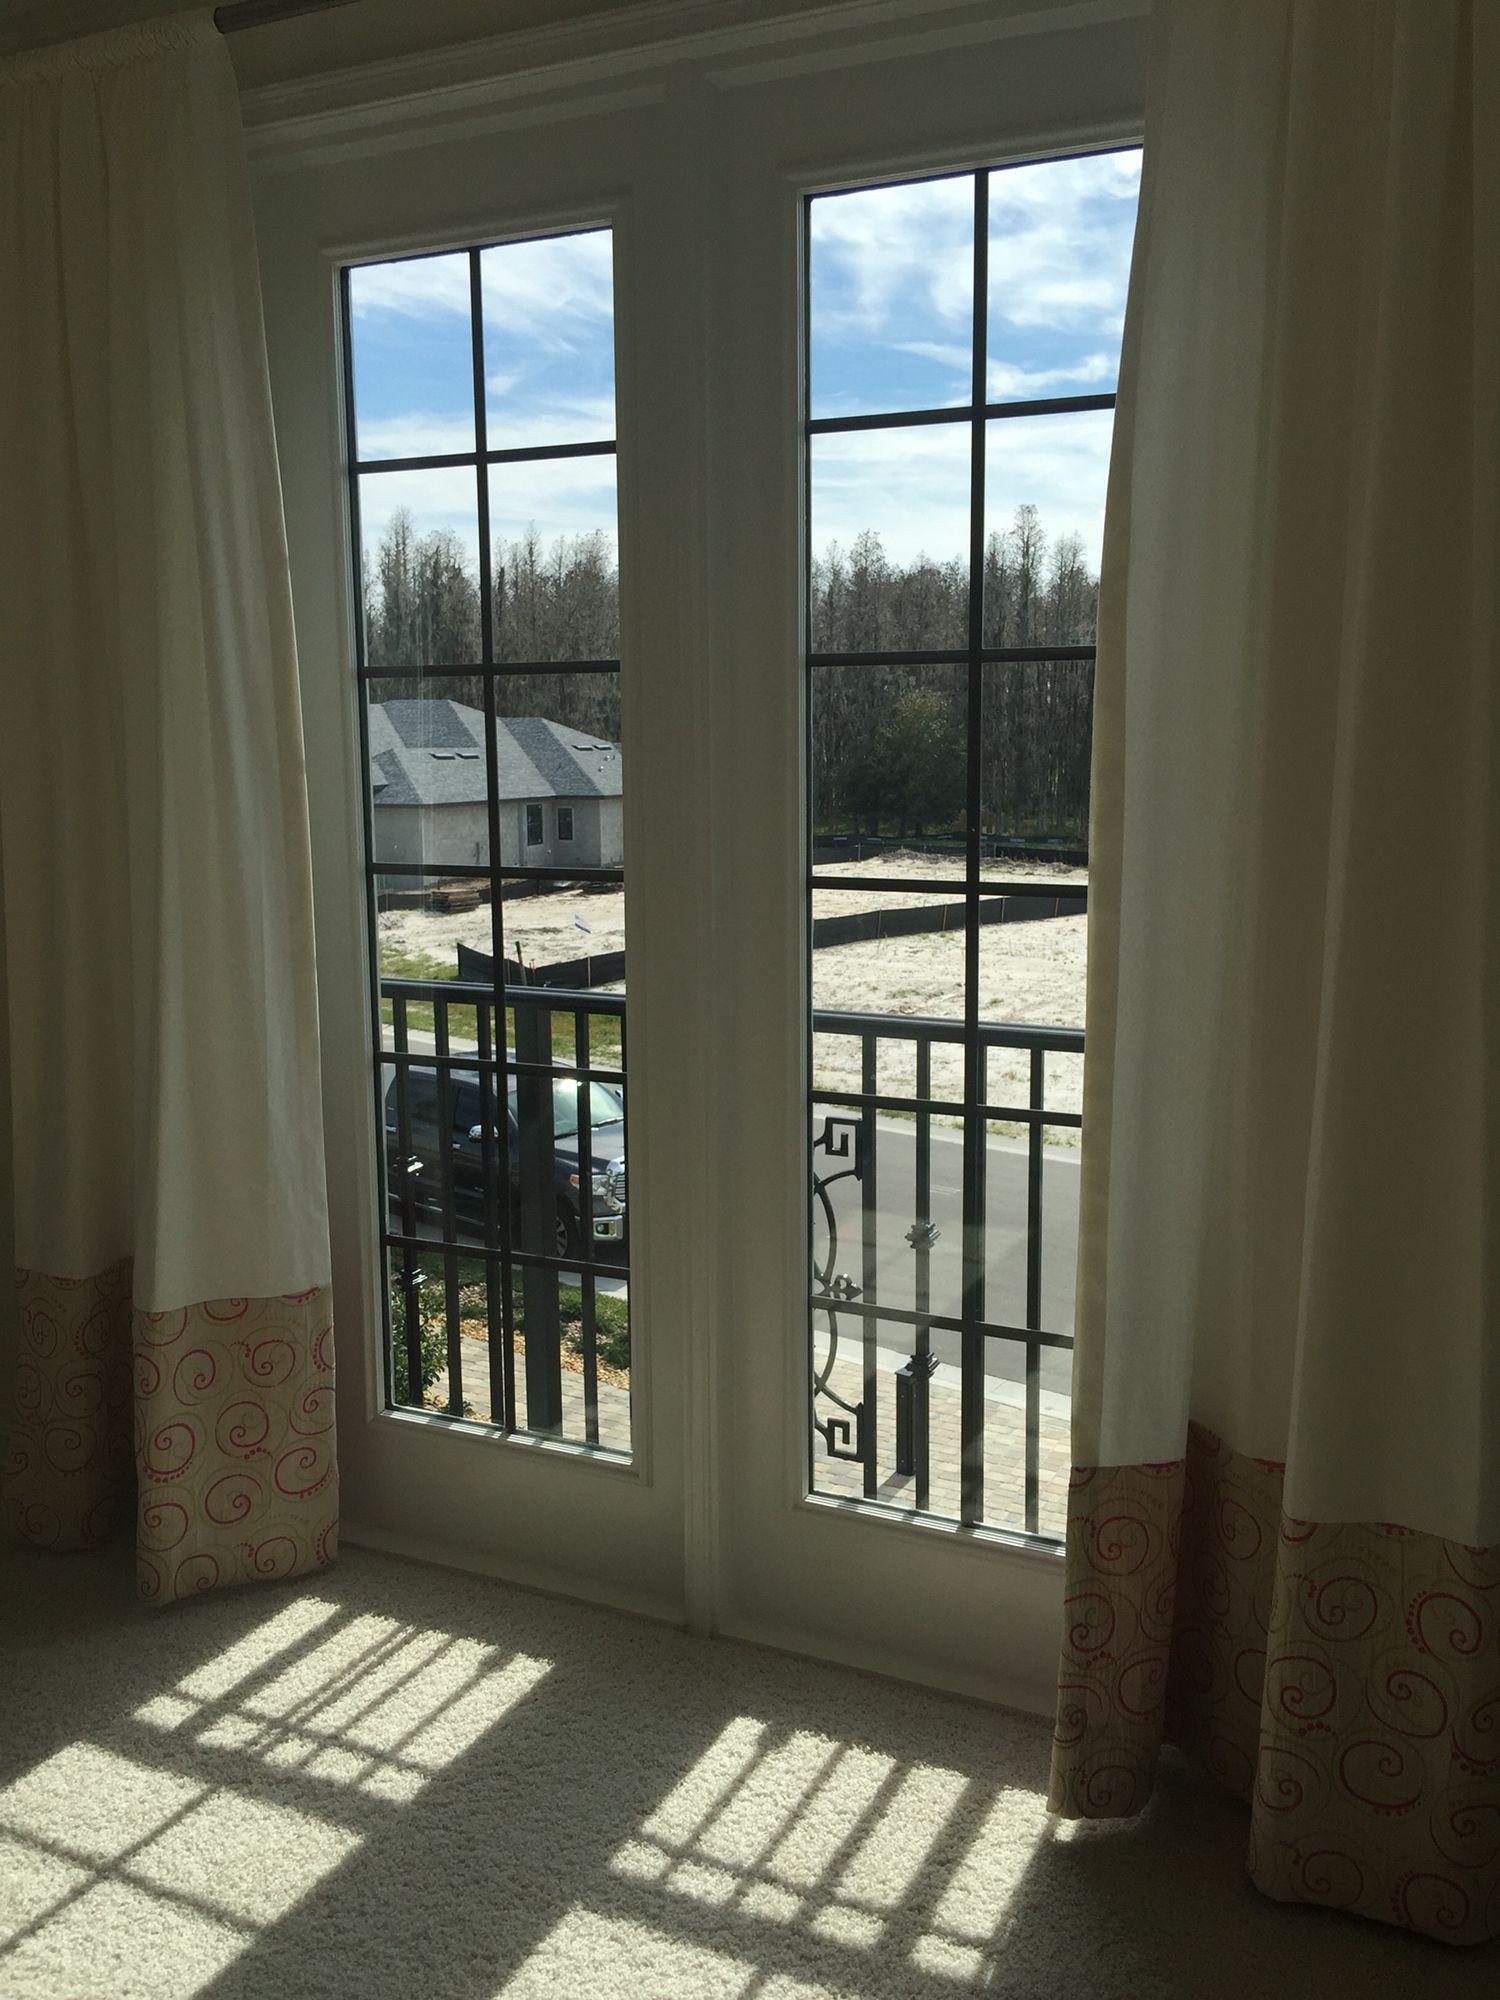 Balcony Window Ideas 2